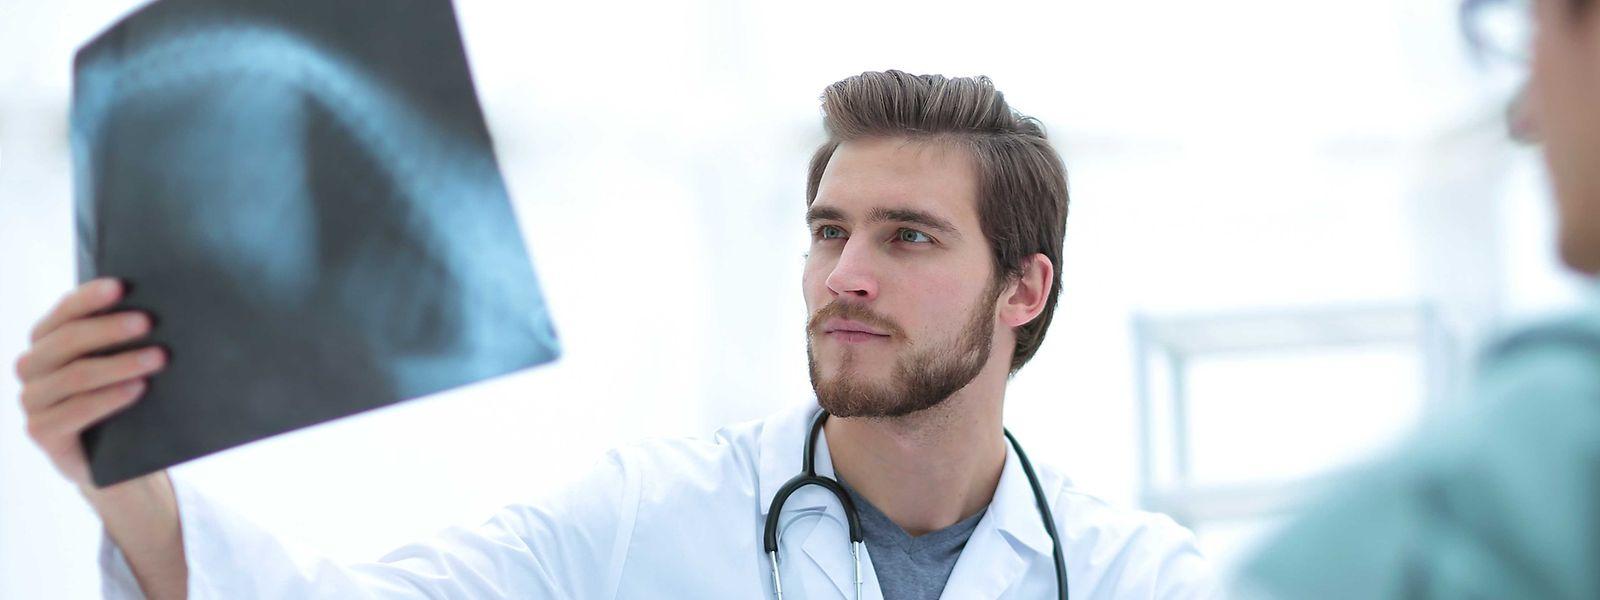 La neurologie devrait être enseignée à l'Uni à partir de la rentrée académique 2021.